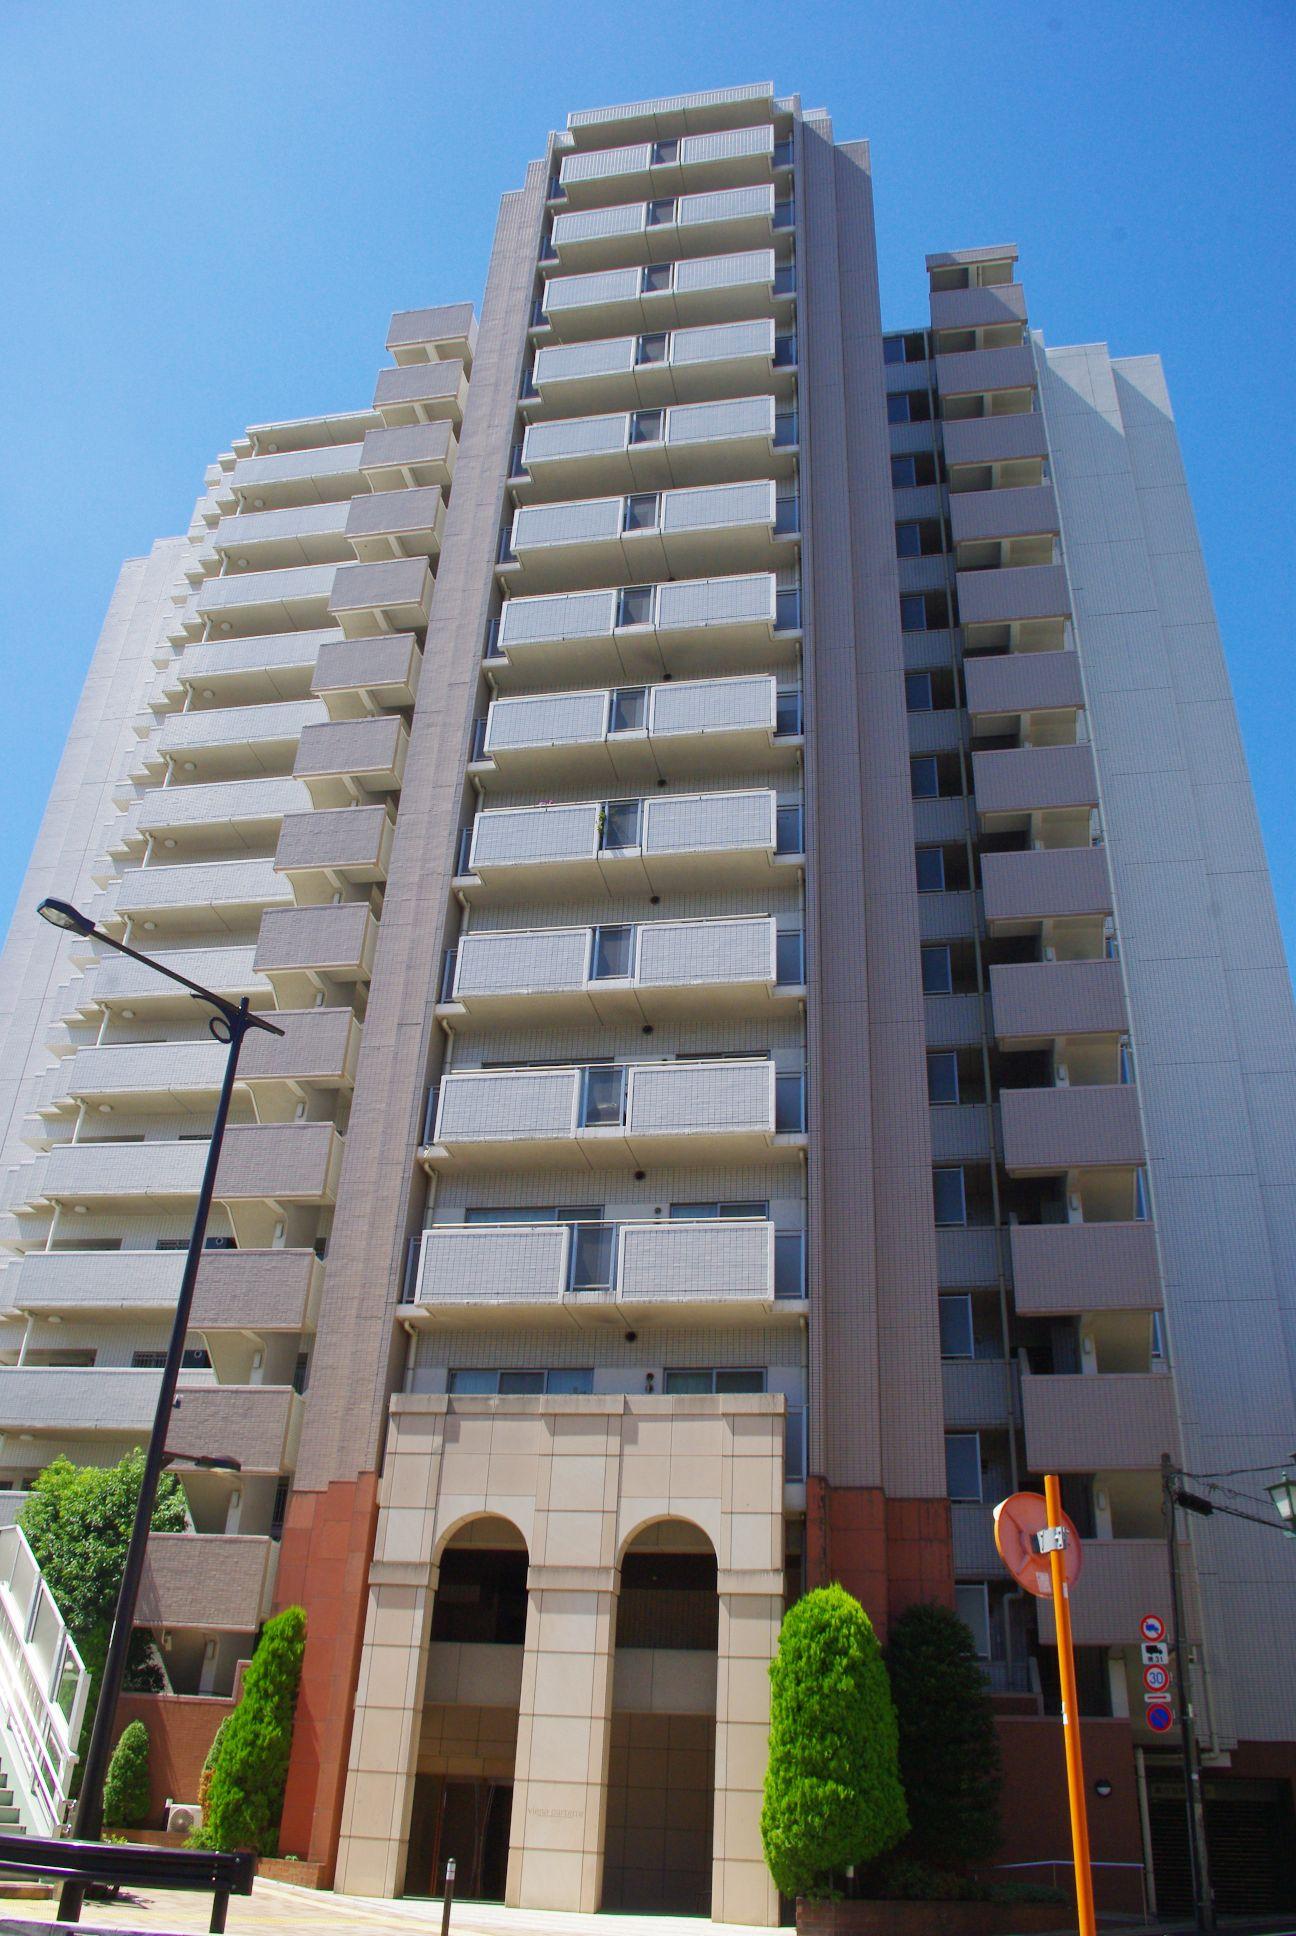 ヴィーナパルテール10階